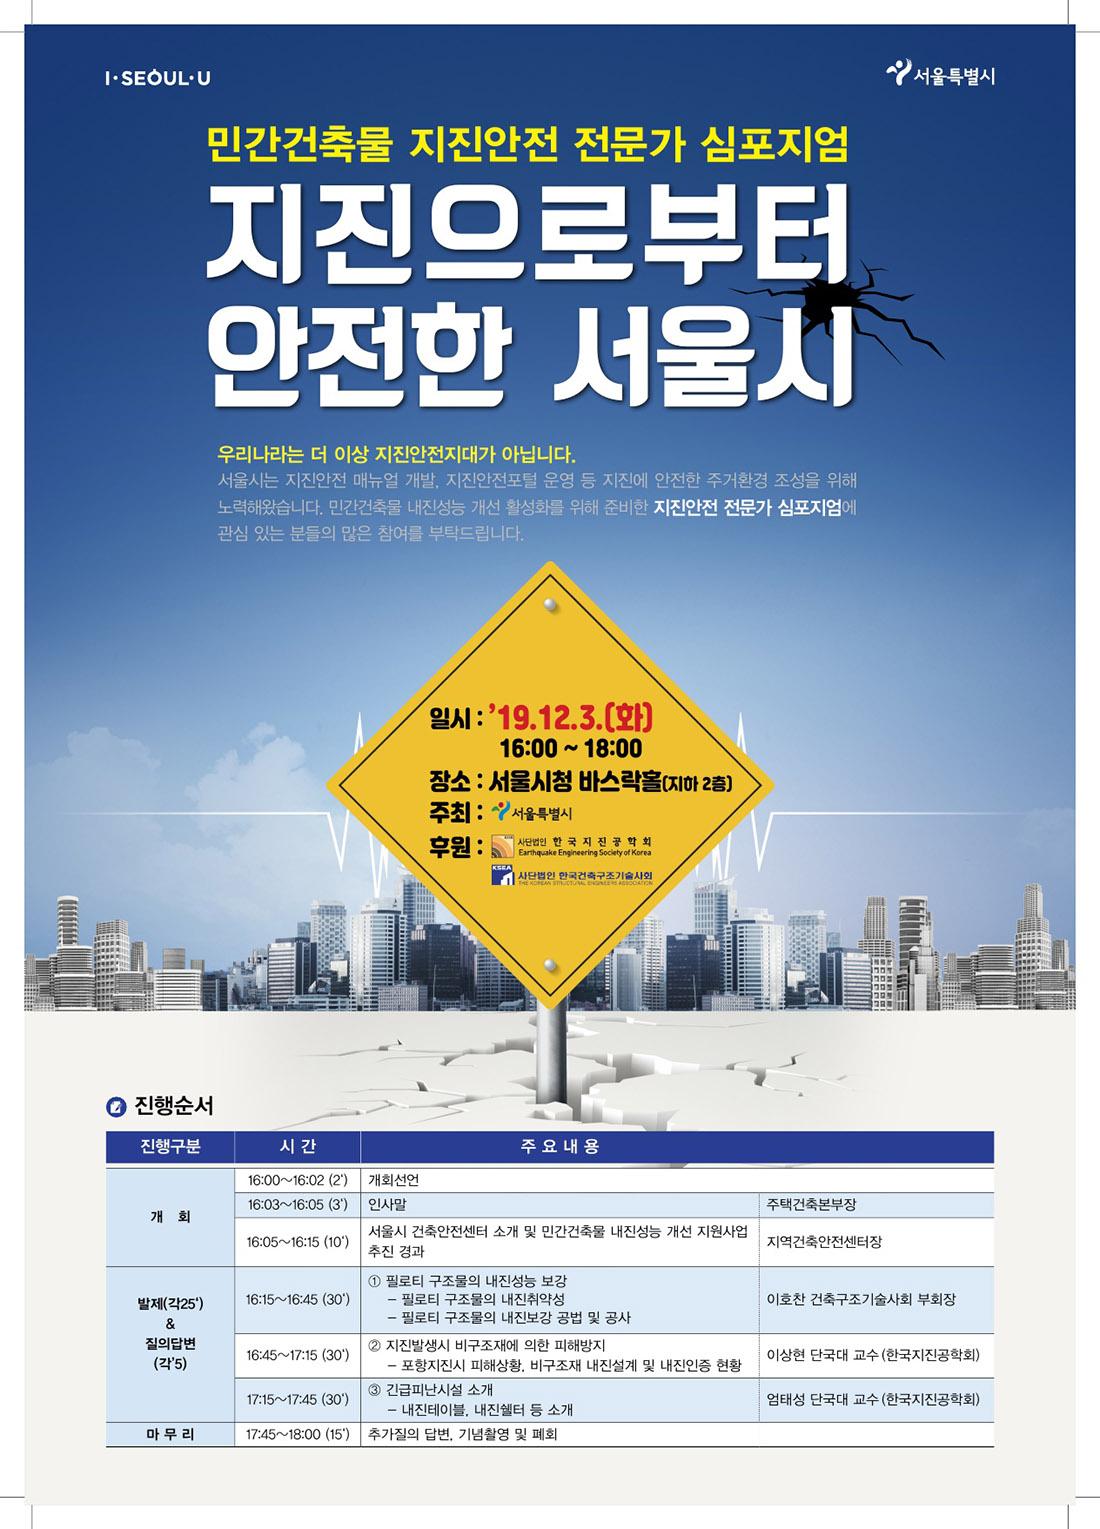 지진안전 전문가 심포지엄 개최 안내